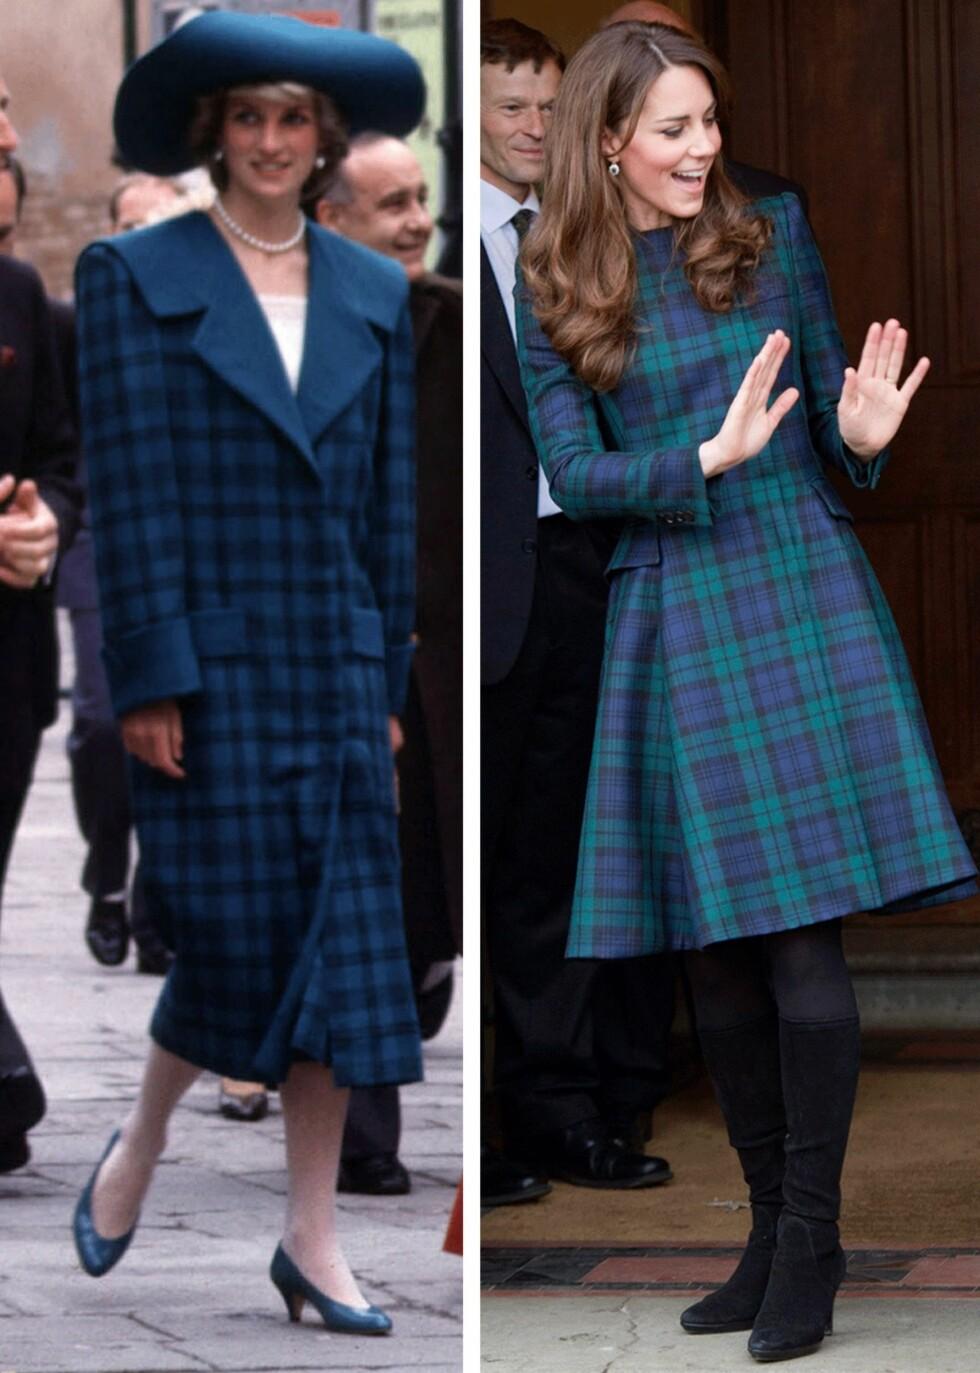 RUTER: Diana på sightseeing i Venezia sammen med prins Charles i 1985, og til høyre er hertuginne Kate som besøker St. Andrew's School i 2012. Foto: Scanpix